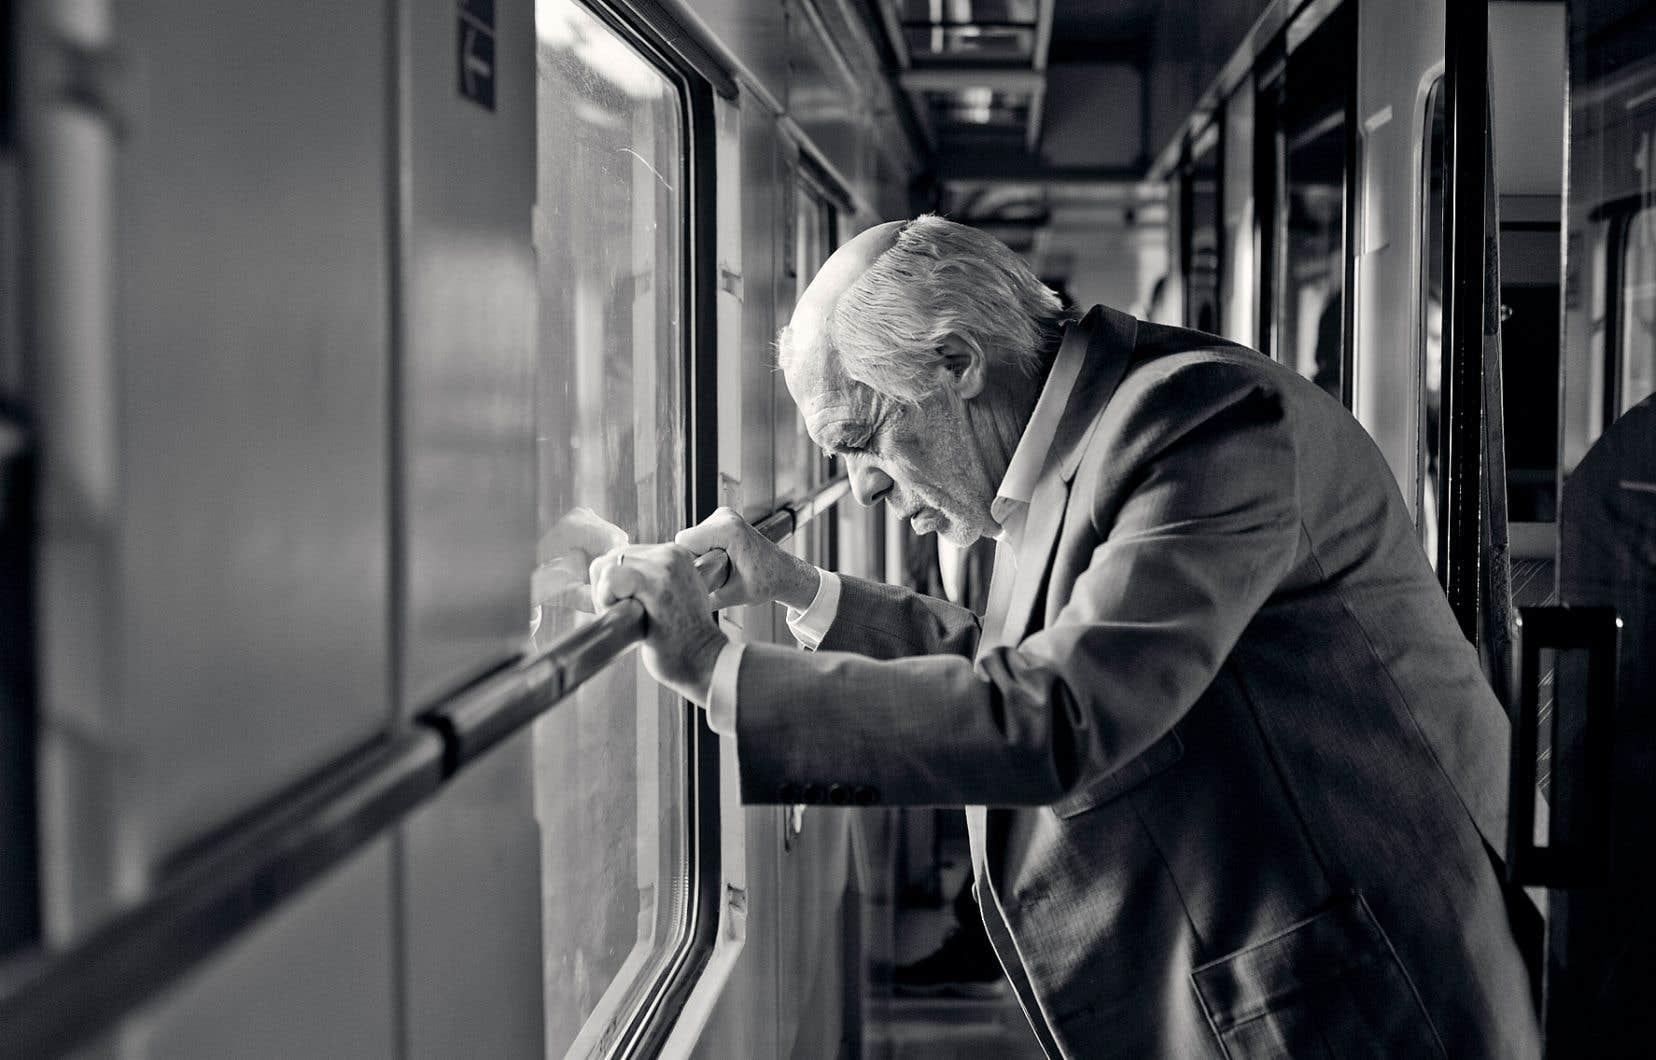 «L'ultime voyage» s'avère un prenant «road movie» crépusculaire, où sont abordés avec tendresse, humour et lucidité les tensions familiales, les affres de la vieillesse et les traumatismes de la Seconde Guerre mondiale.